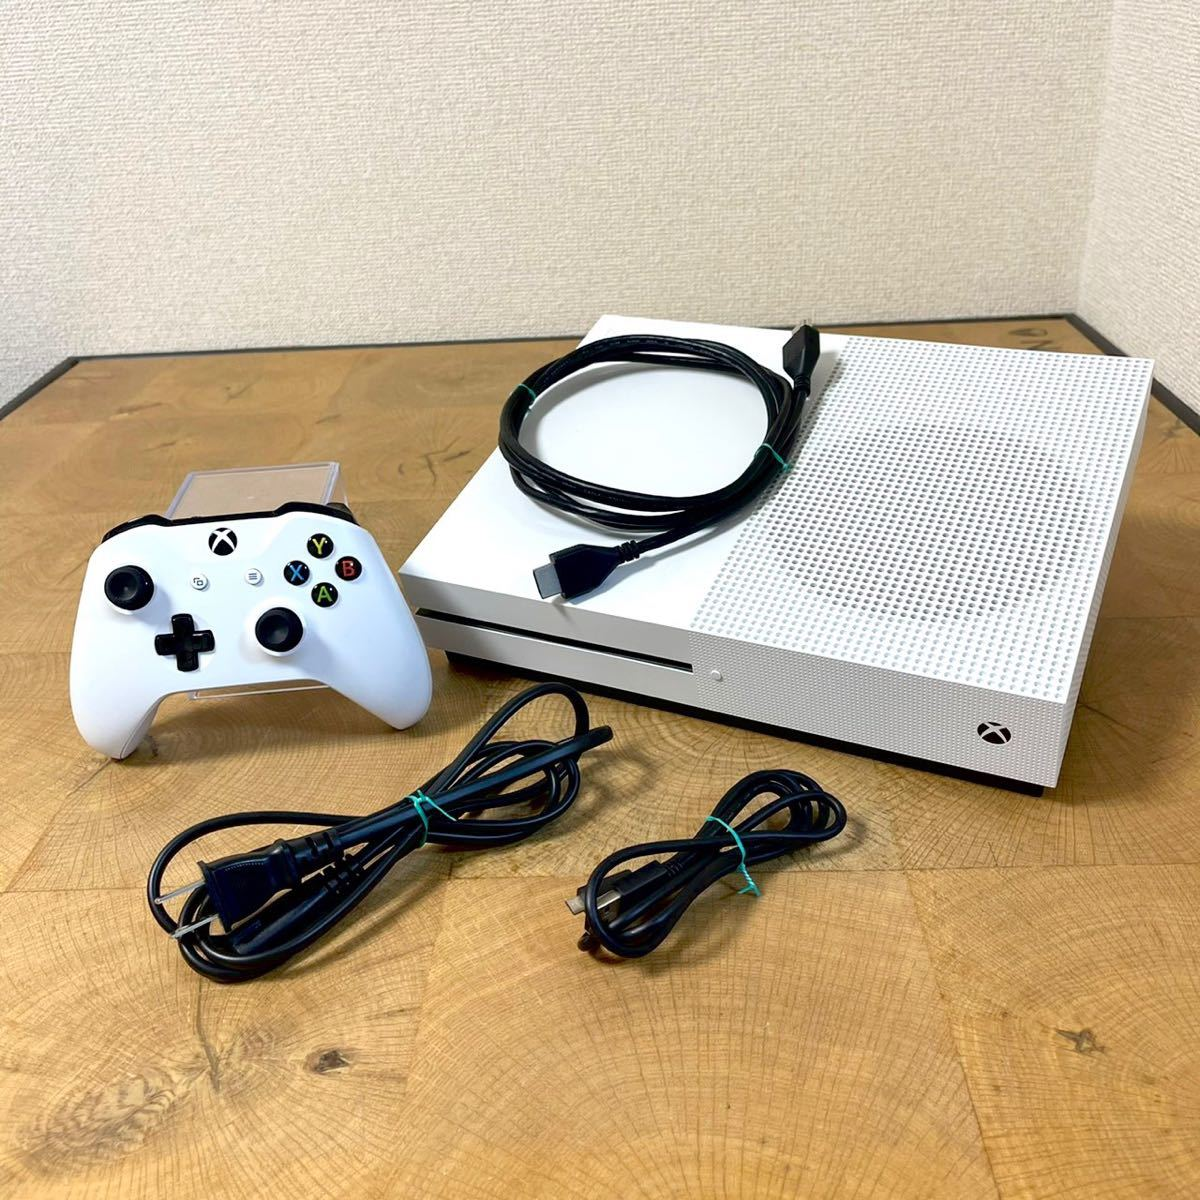 美品 本体動作確認済/初期化済 Microsoft/マイクロソフト Xbox ONE S MODEL:1681 500G 本体+コントローラー+ケーブル類セット